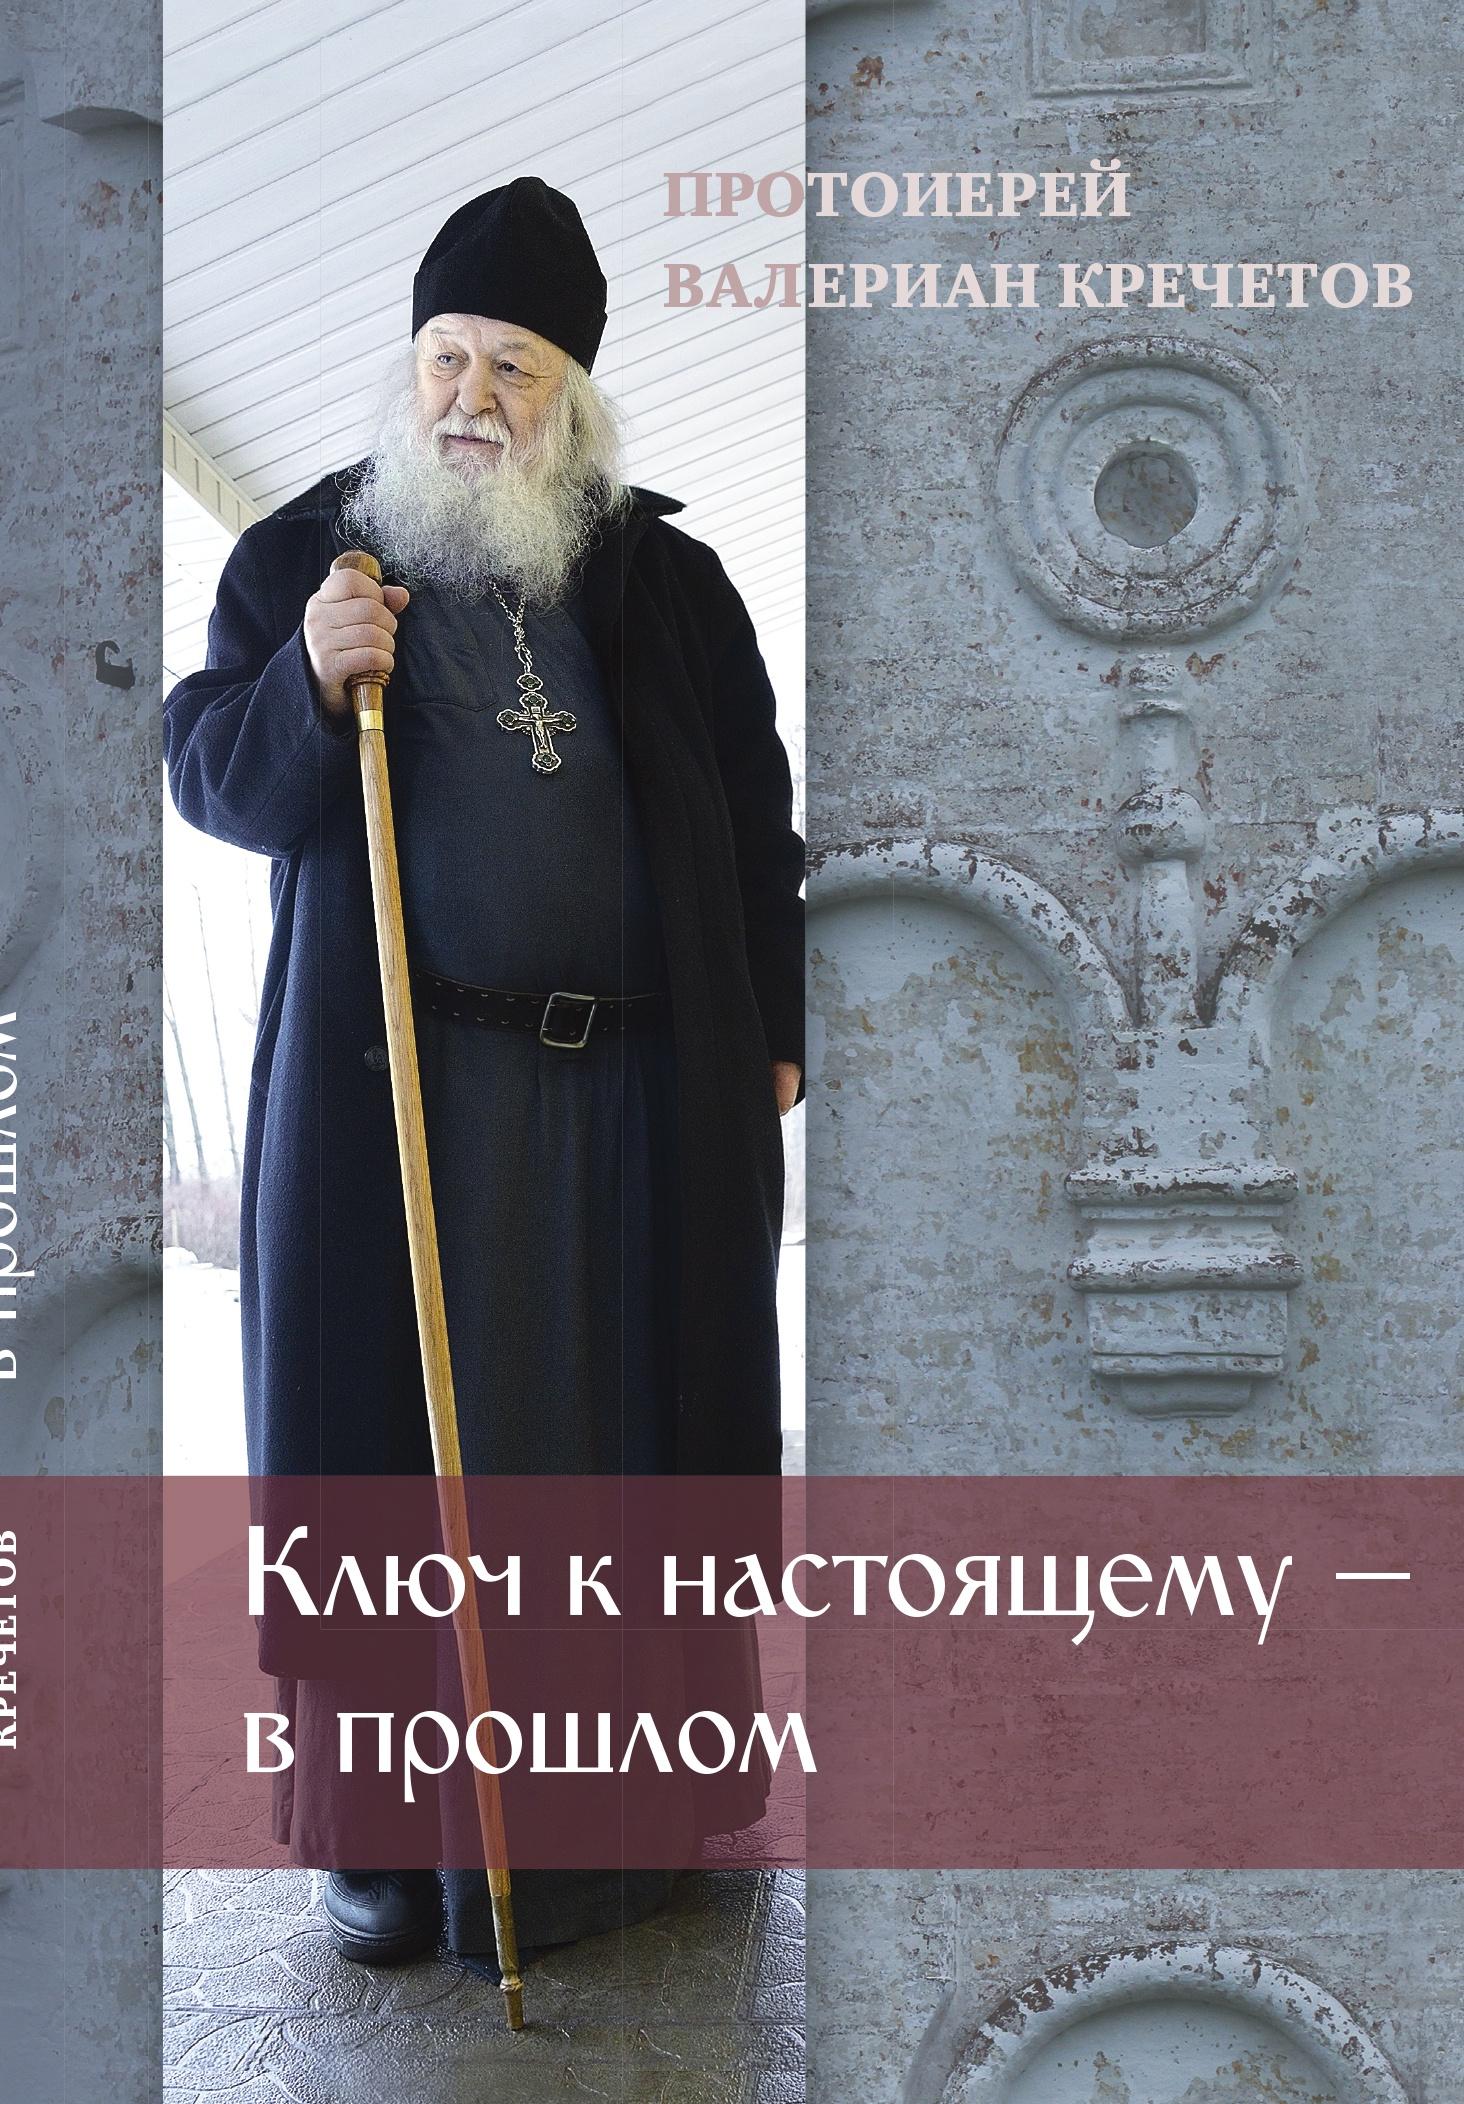 все цены на Протоиерей Валериан Кречетов Ключ к настоящему - в прошлом. онлайн